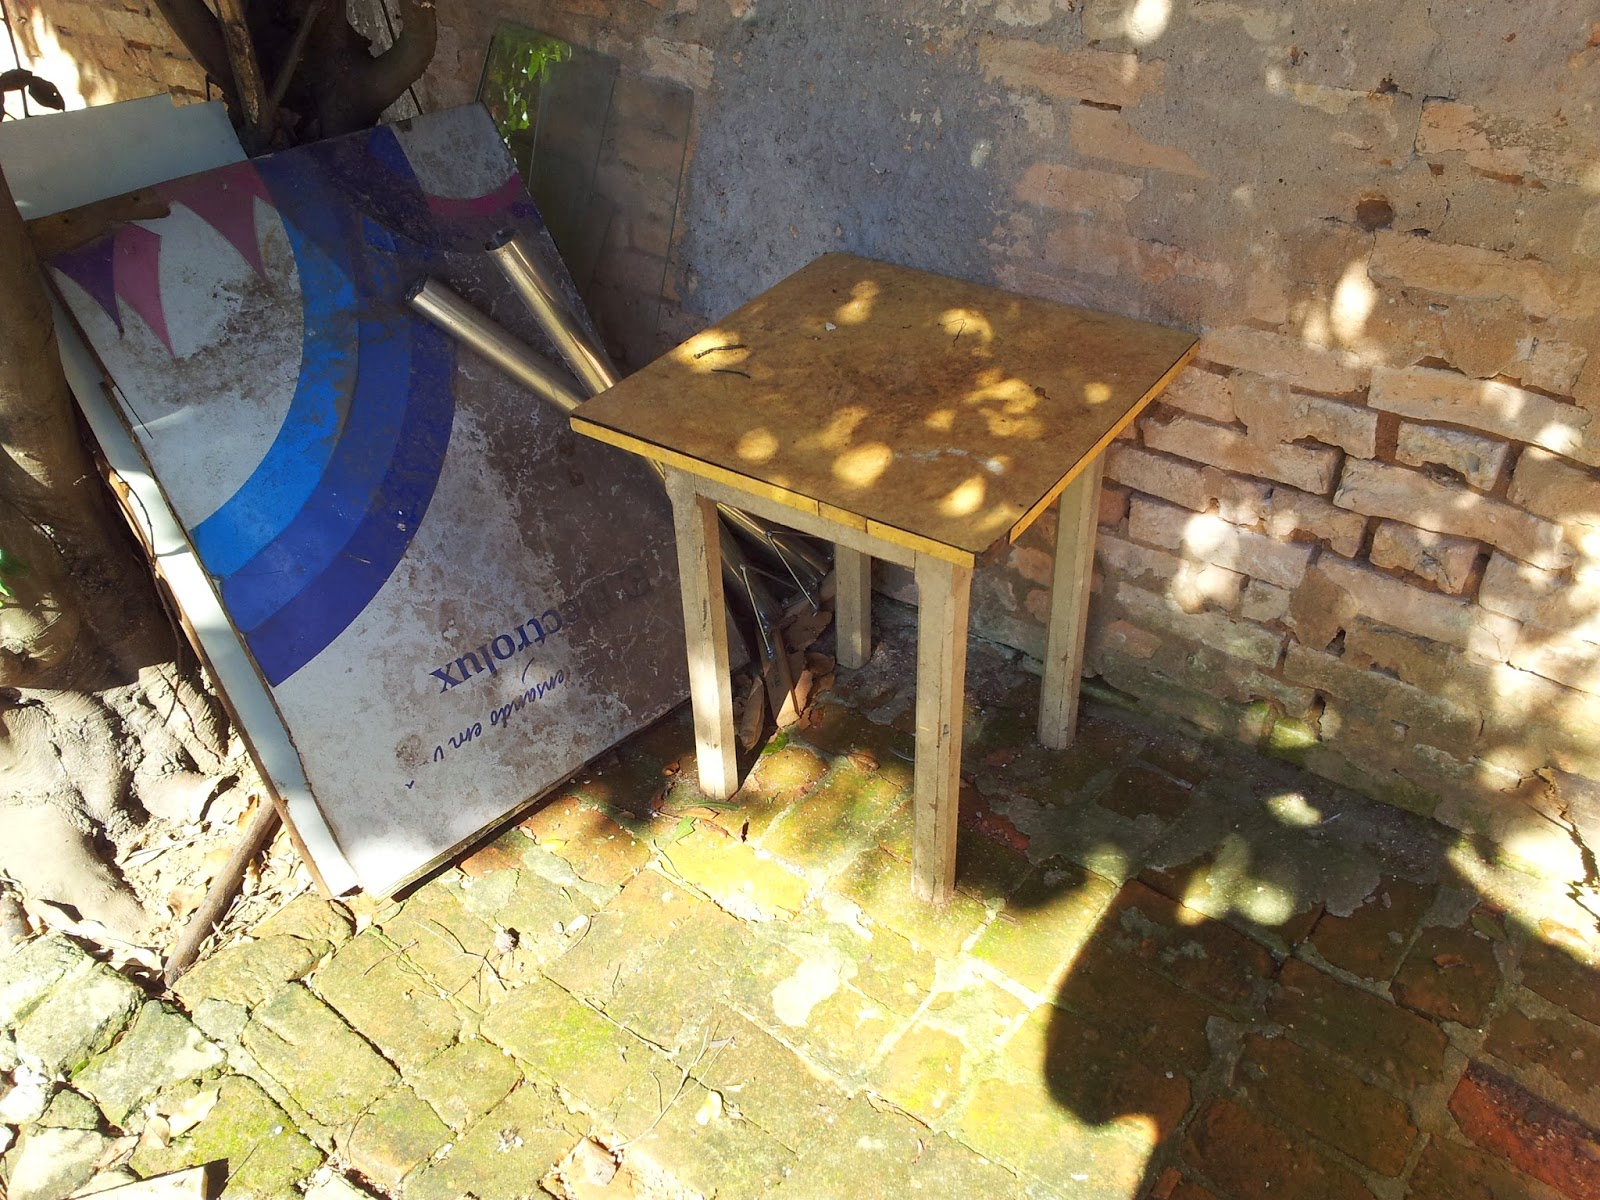 Oficina do Quintal: Como Restaurar uma Mesa Antiga #A39128 1600x1200